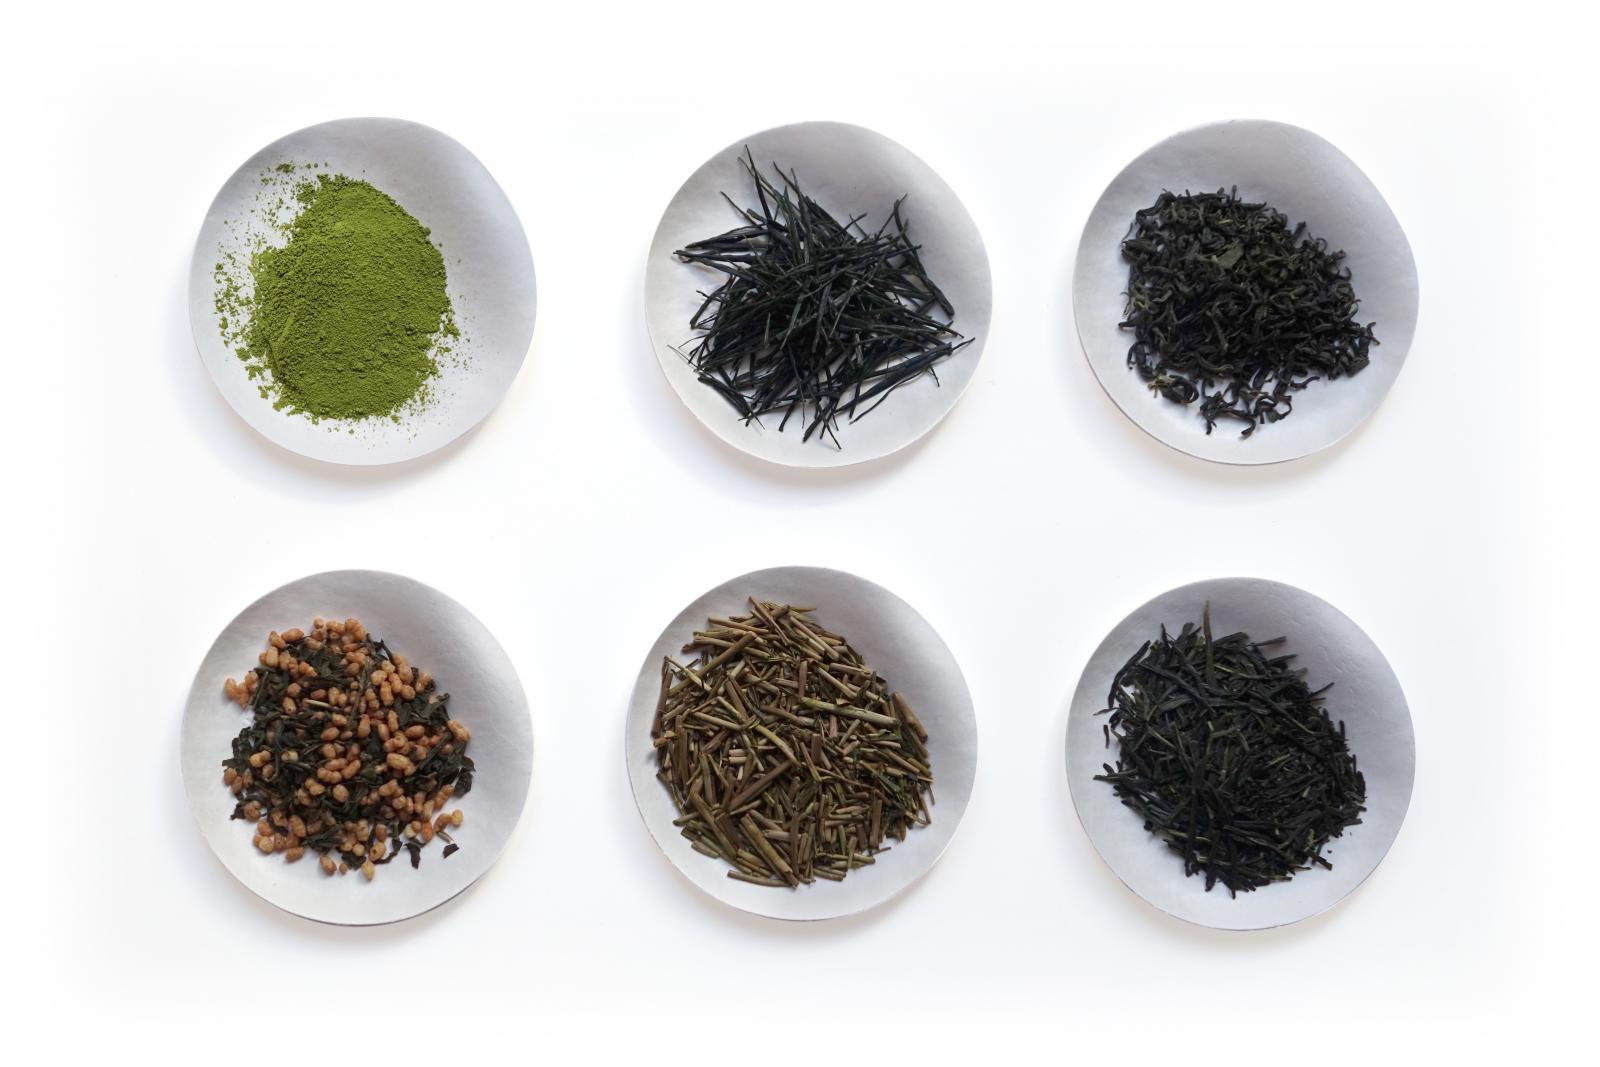 Thés verts japonais Gyokuro, Sencha, Matcha, Hojicha, Bancha, Genmaicha...